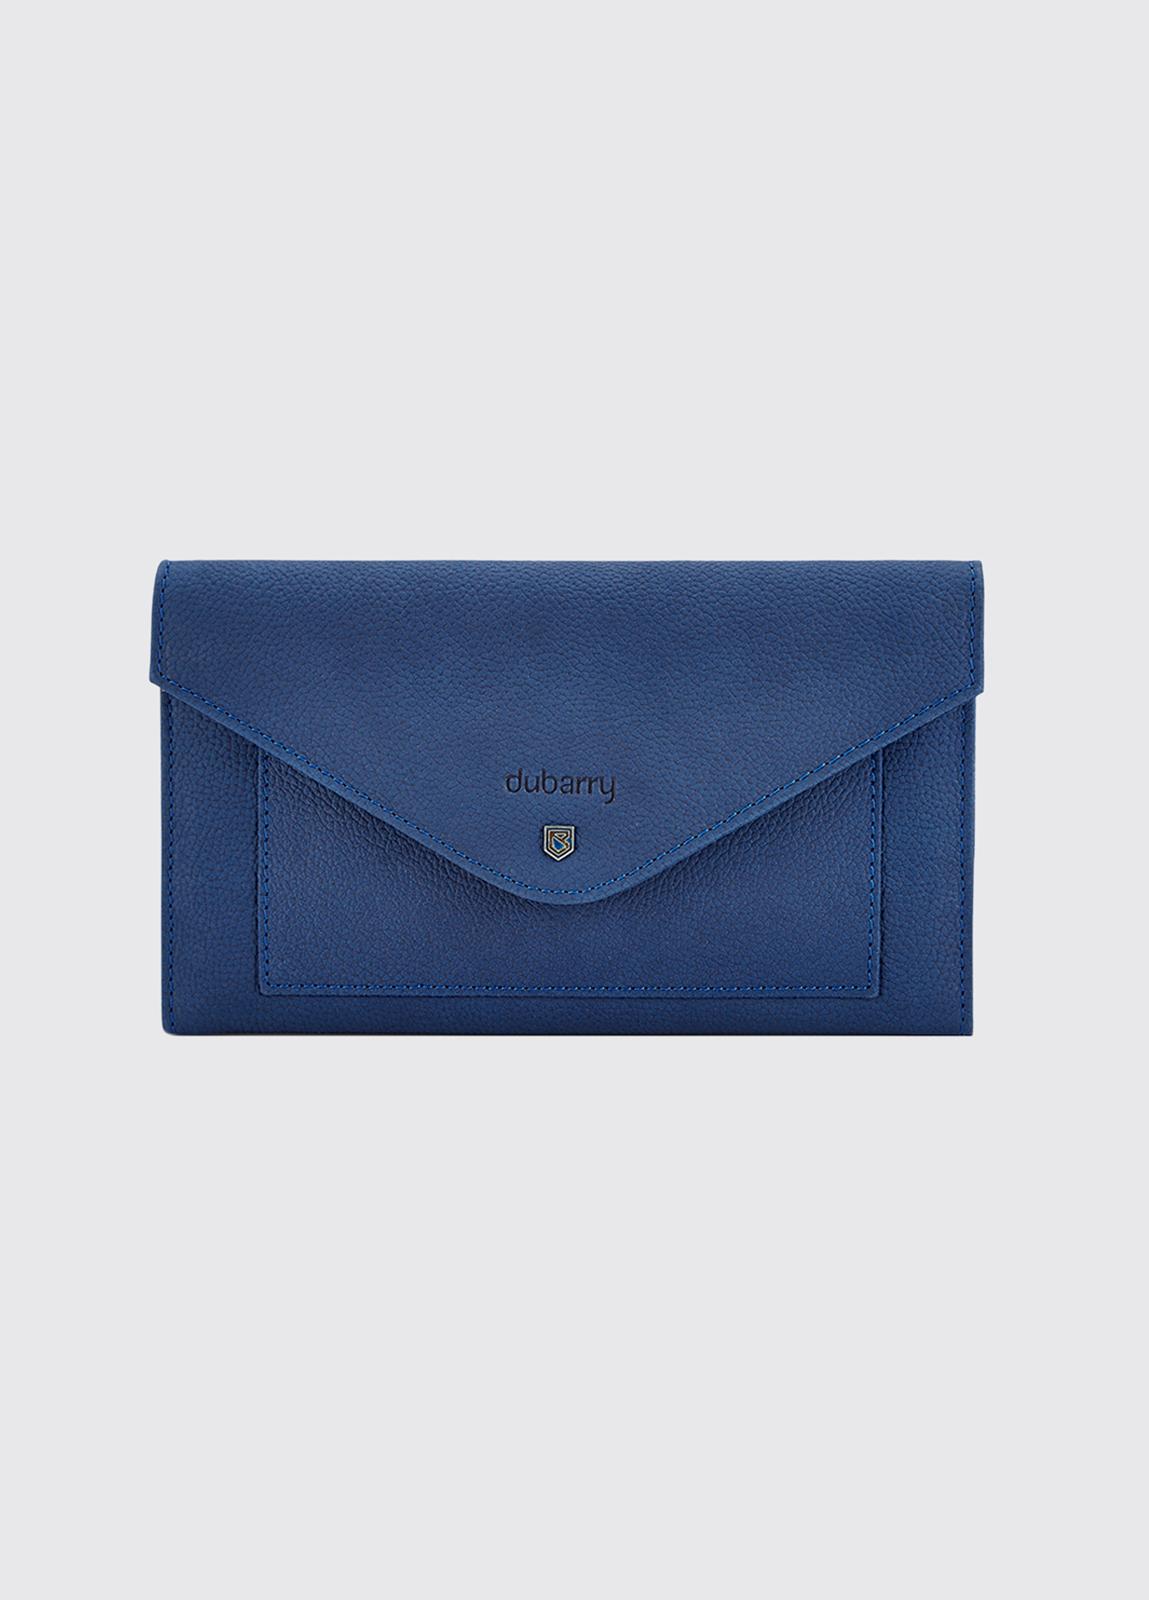 Athlone Wallet - Royal Blue